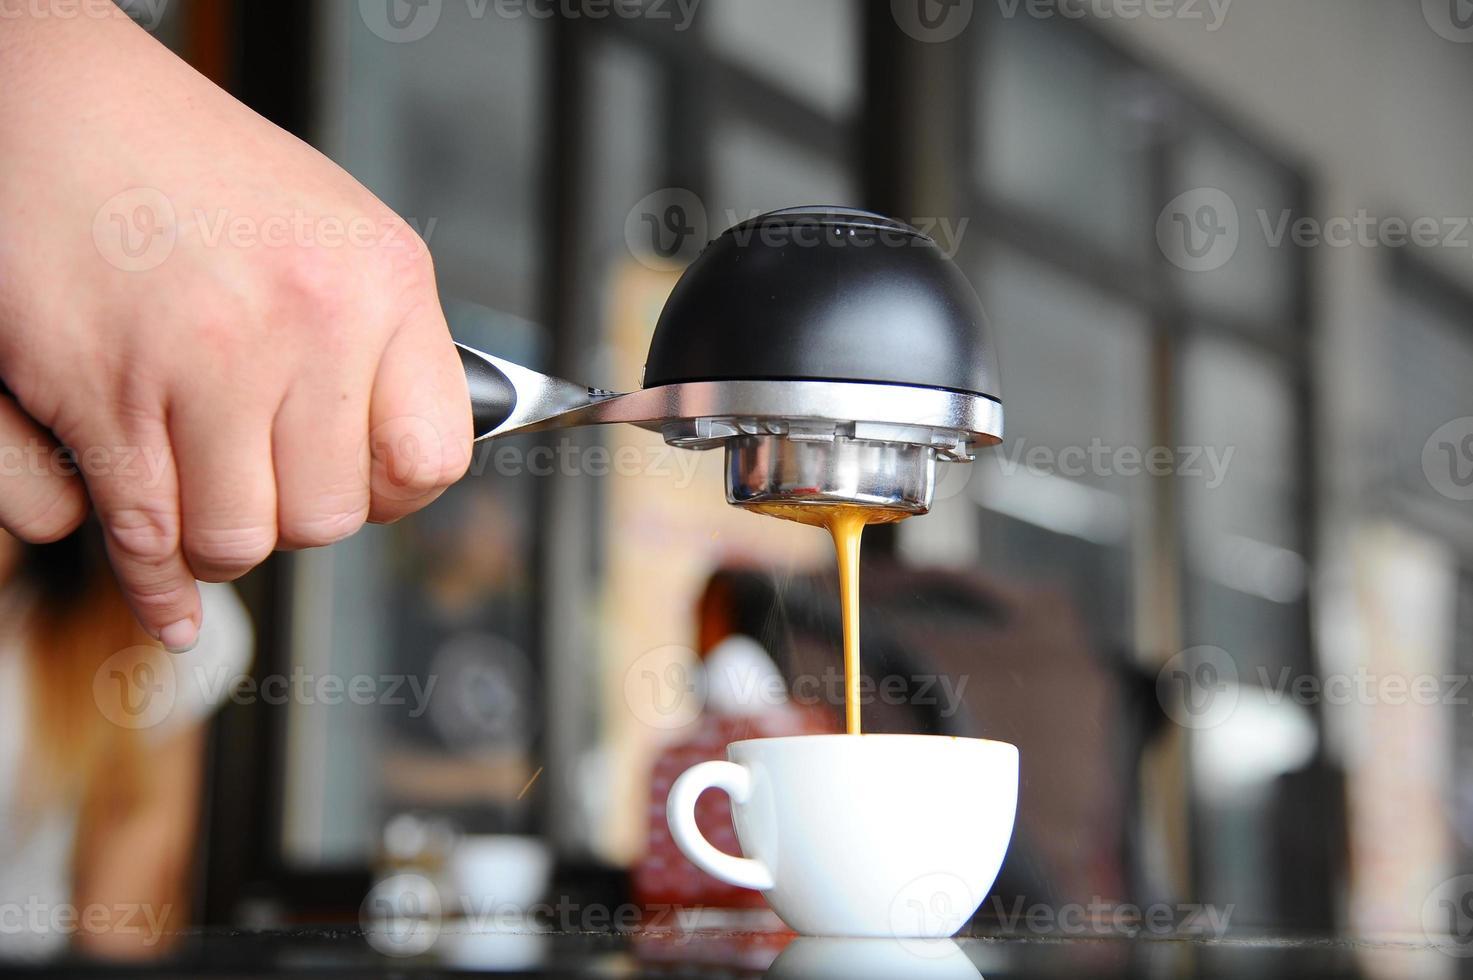 mobile Espressomaschine in der Hand Barista. foto